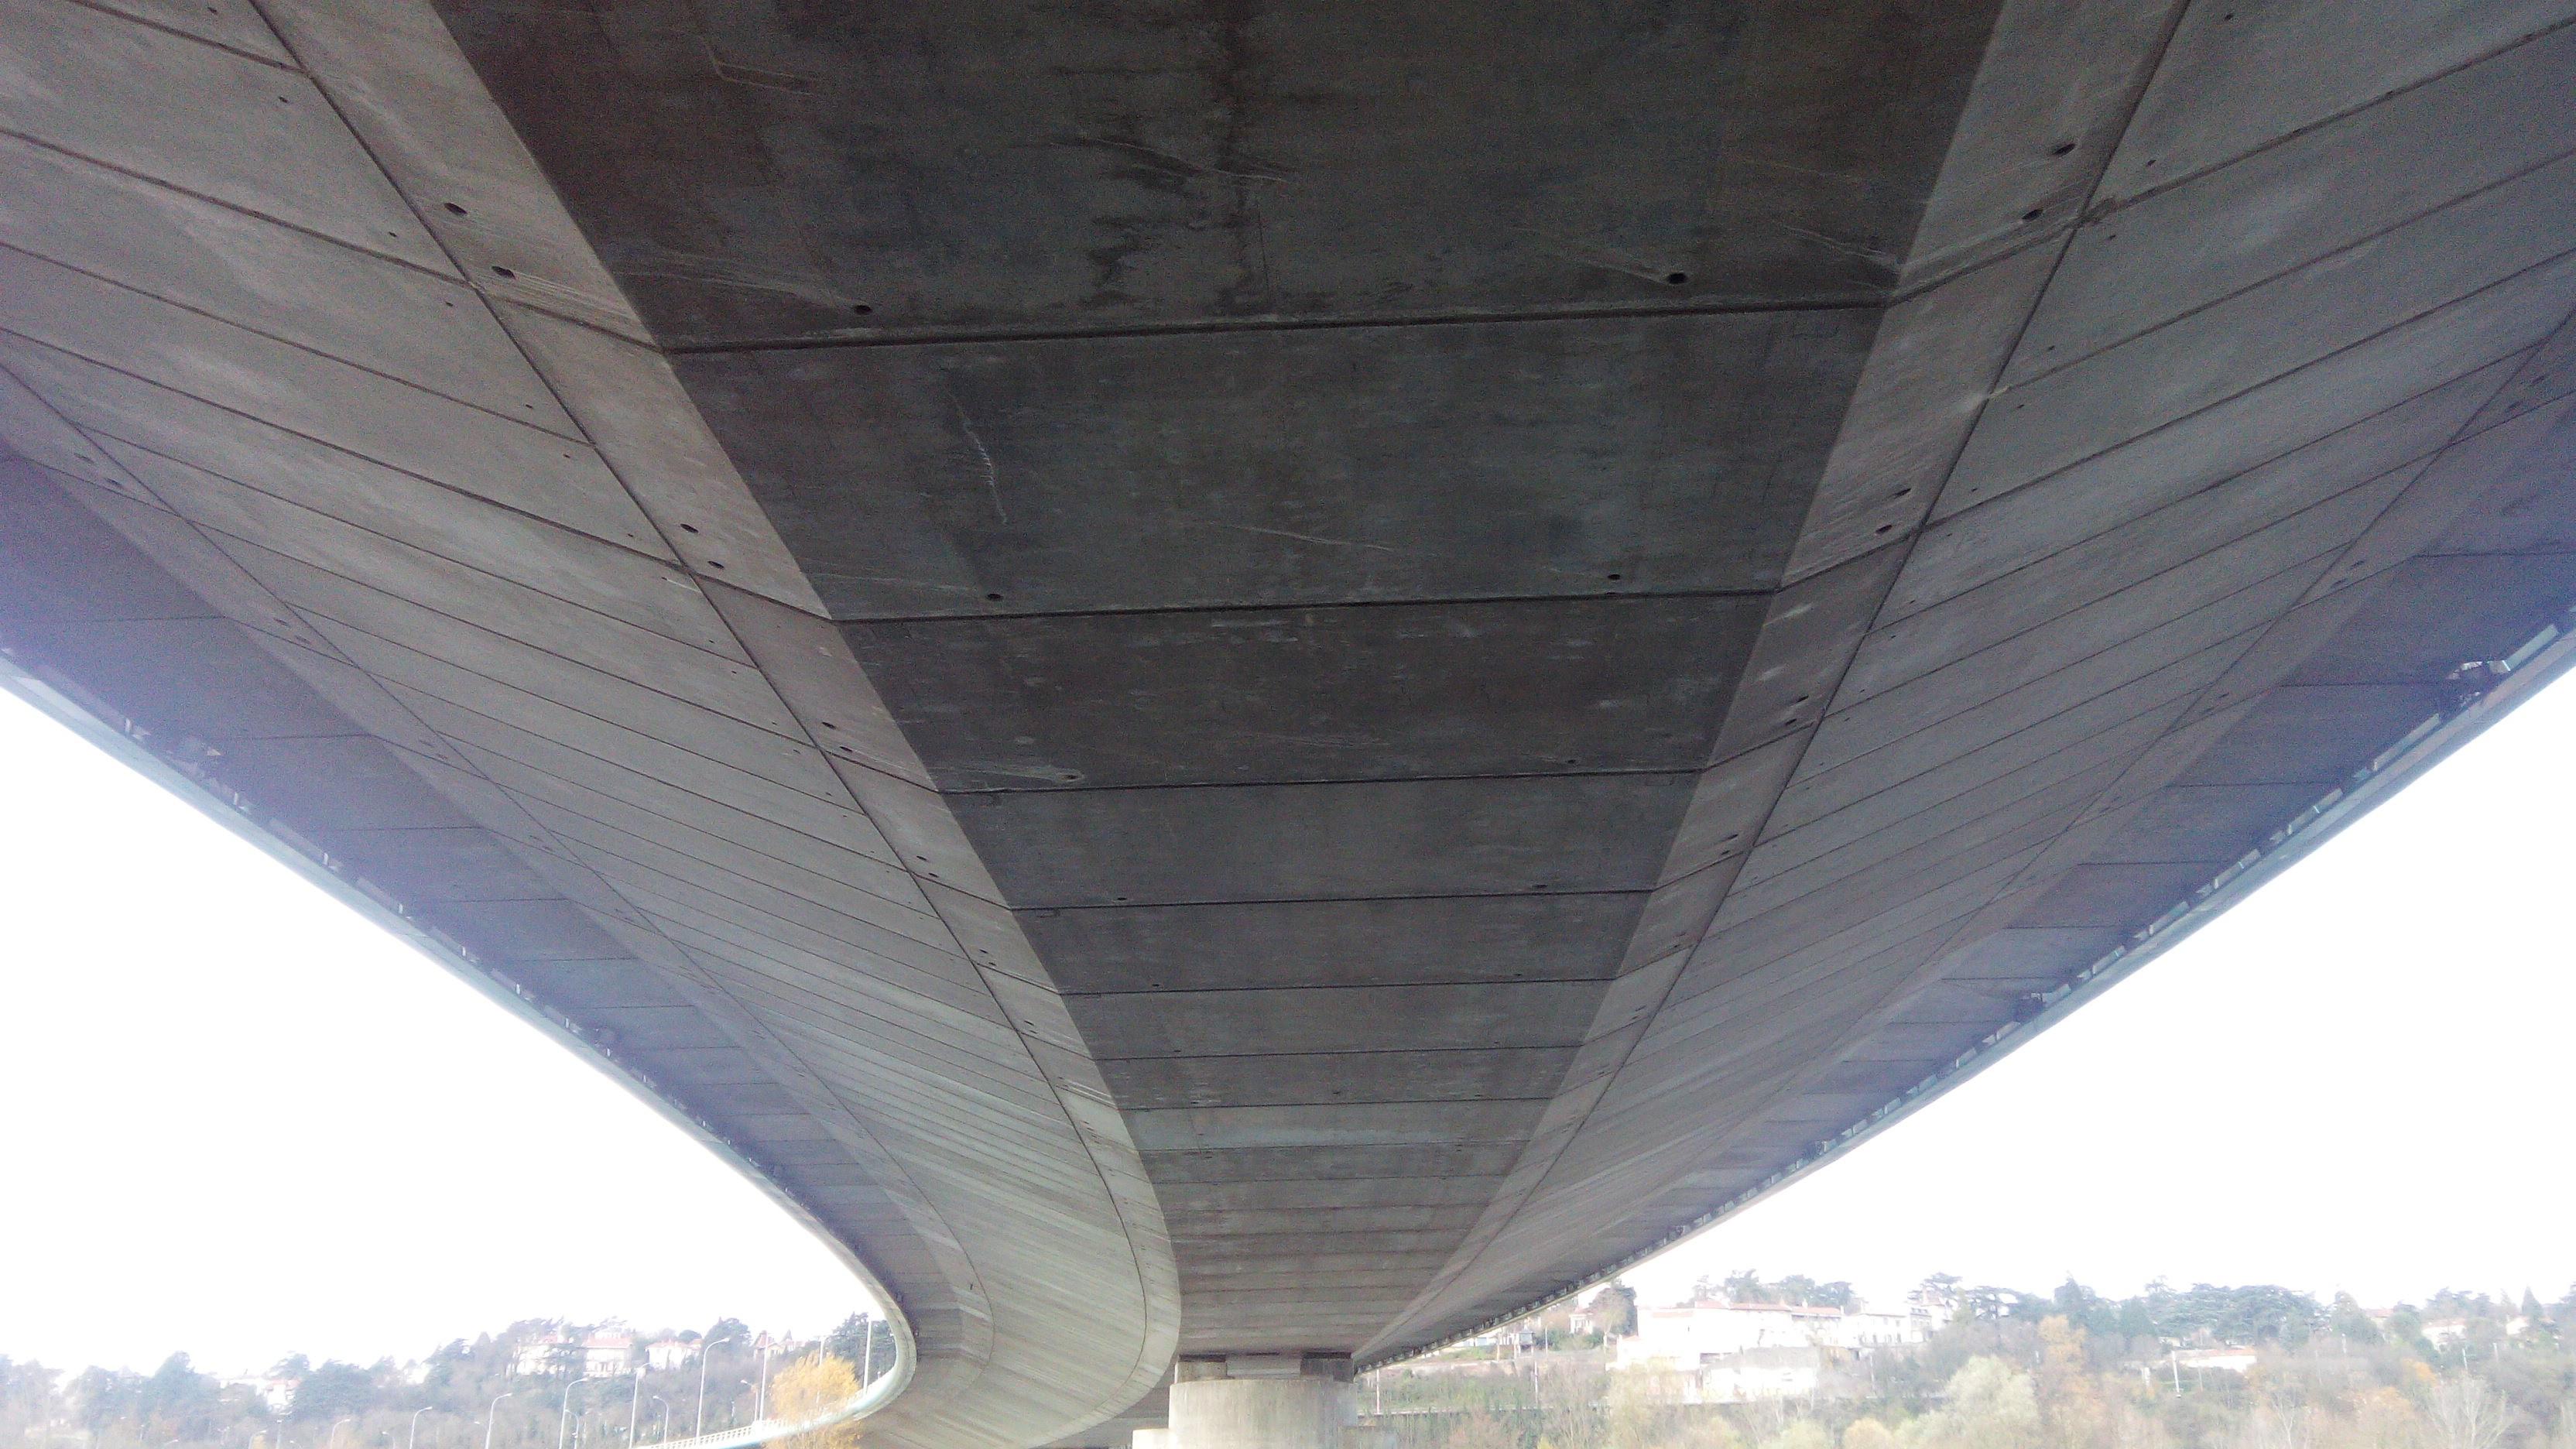 Unduh 86 Wallpaper Pemandangan Alam Jembatan HD Paling Keren